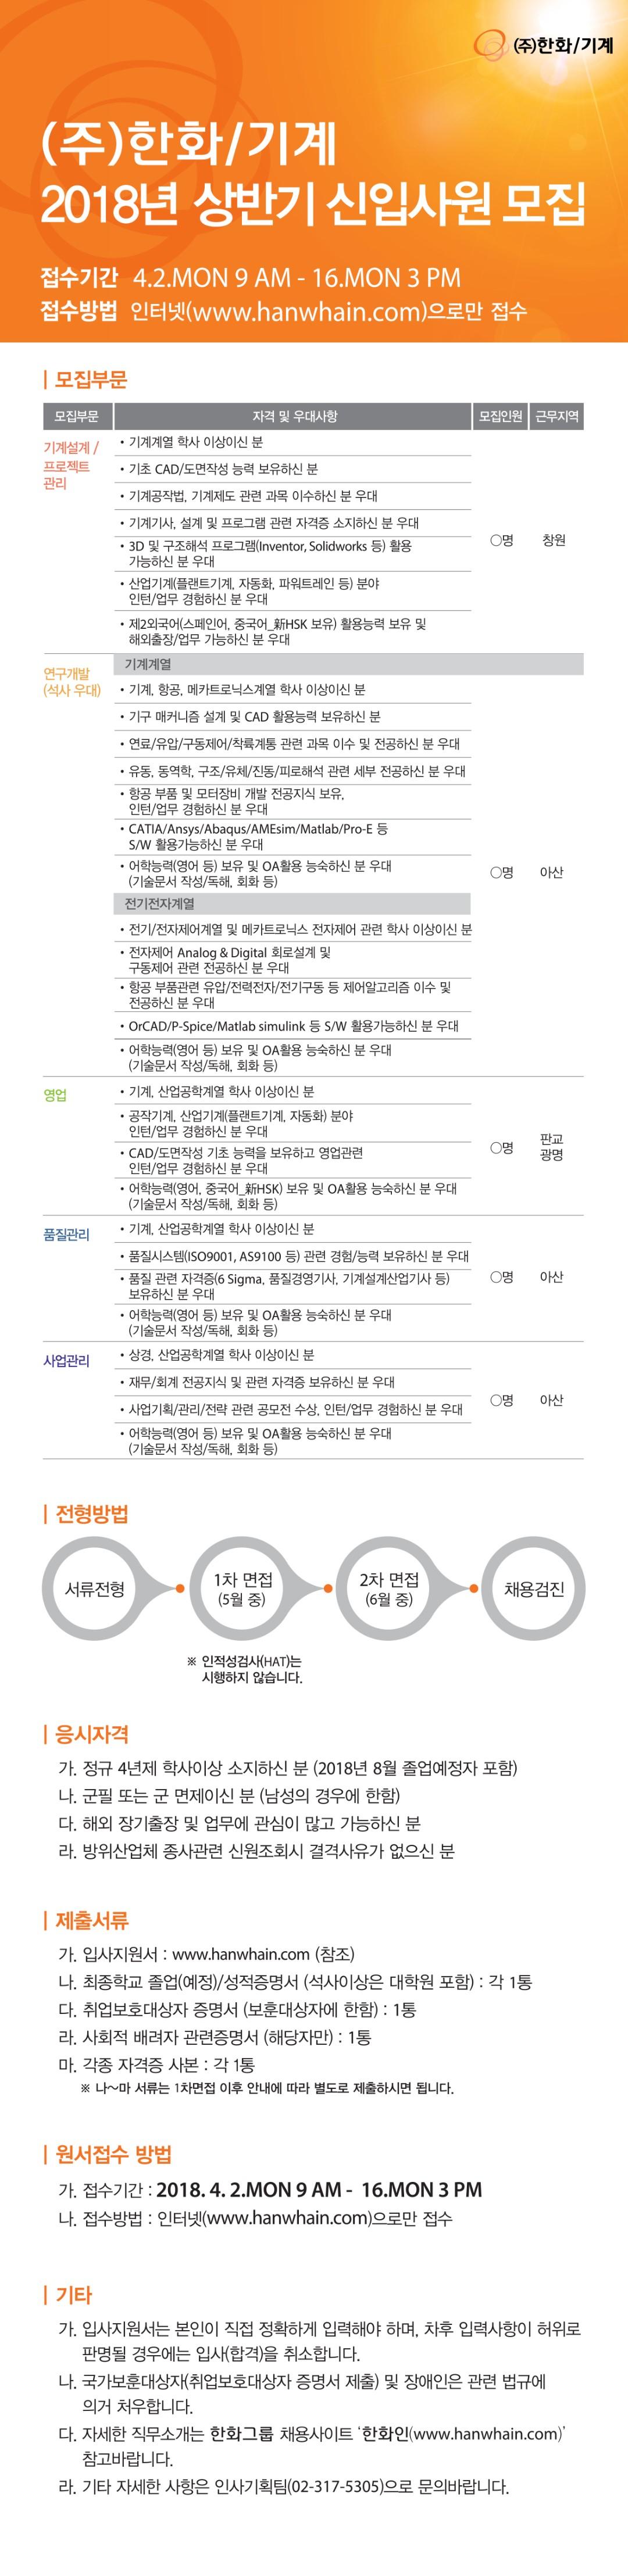 [한화기계] 2018 상반기 신입사원 모집요강(최종).jpg